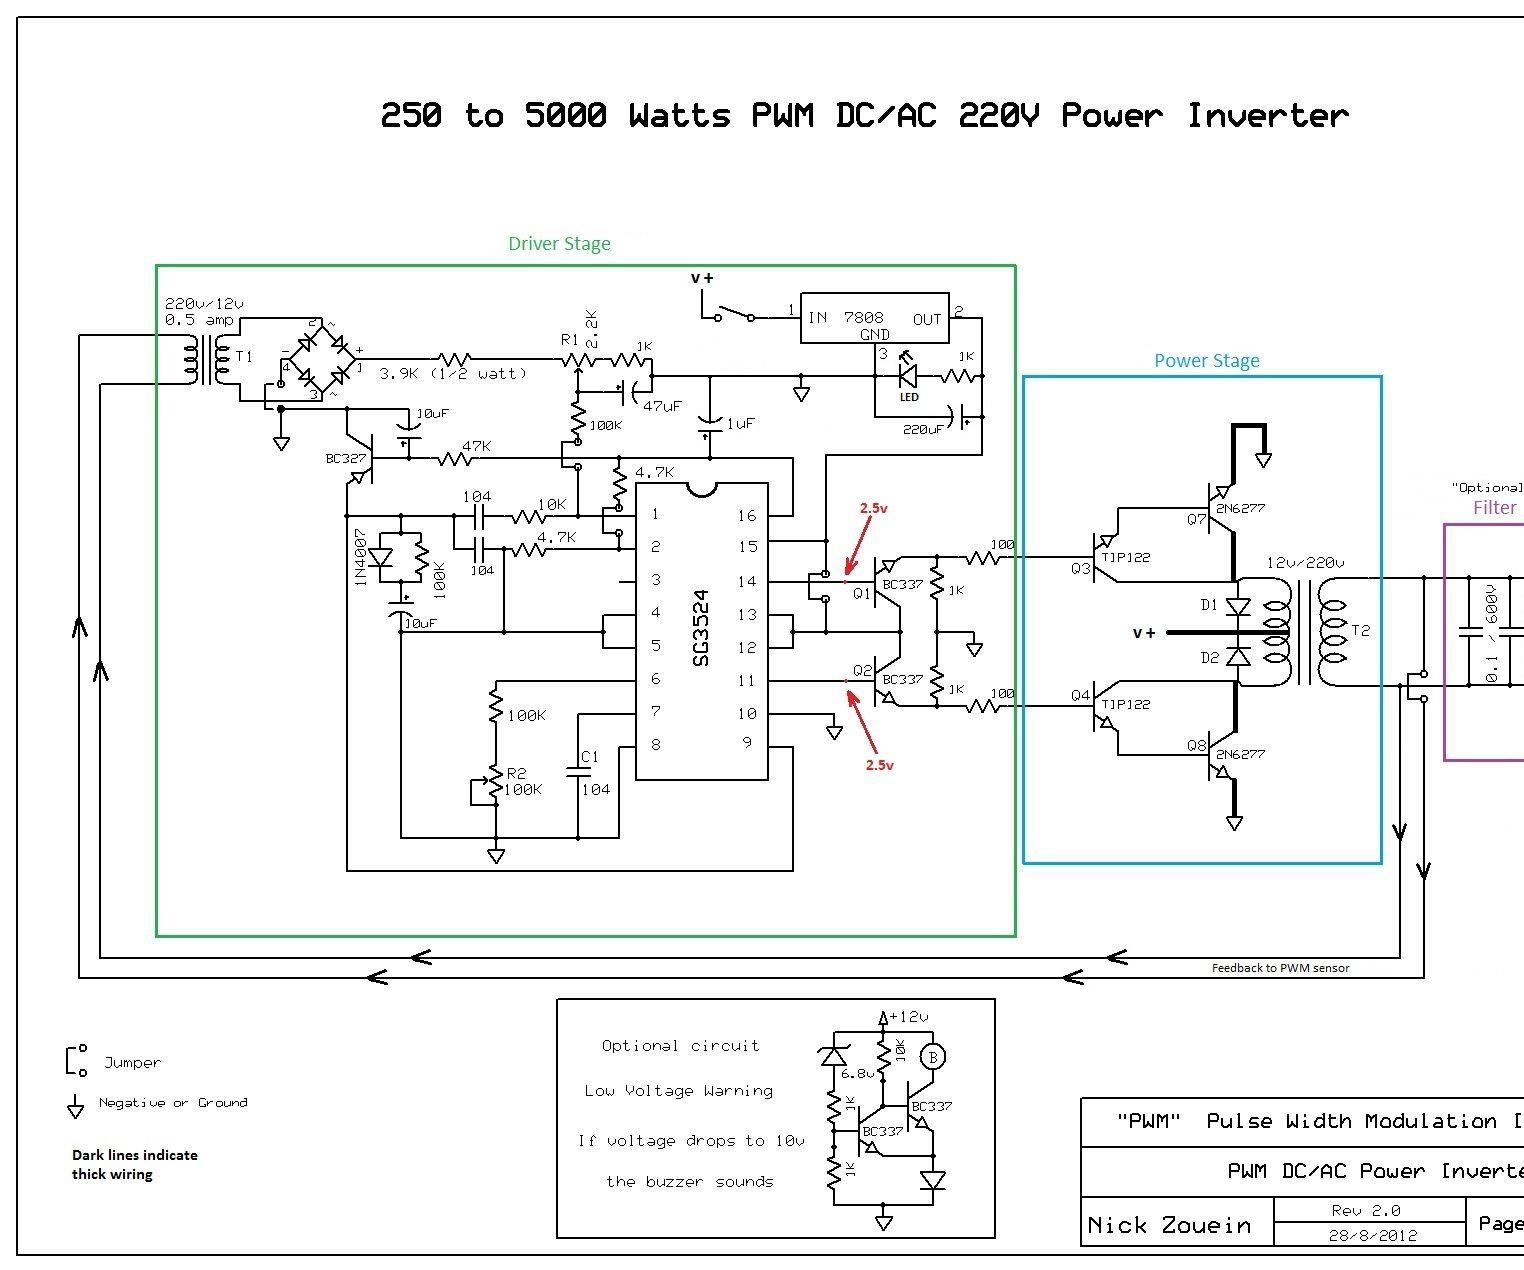 mrap wiring diagram wiring diagram user mrap wiring diagram wiring diagram home mrap wiring diagram